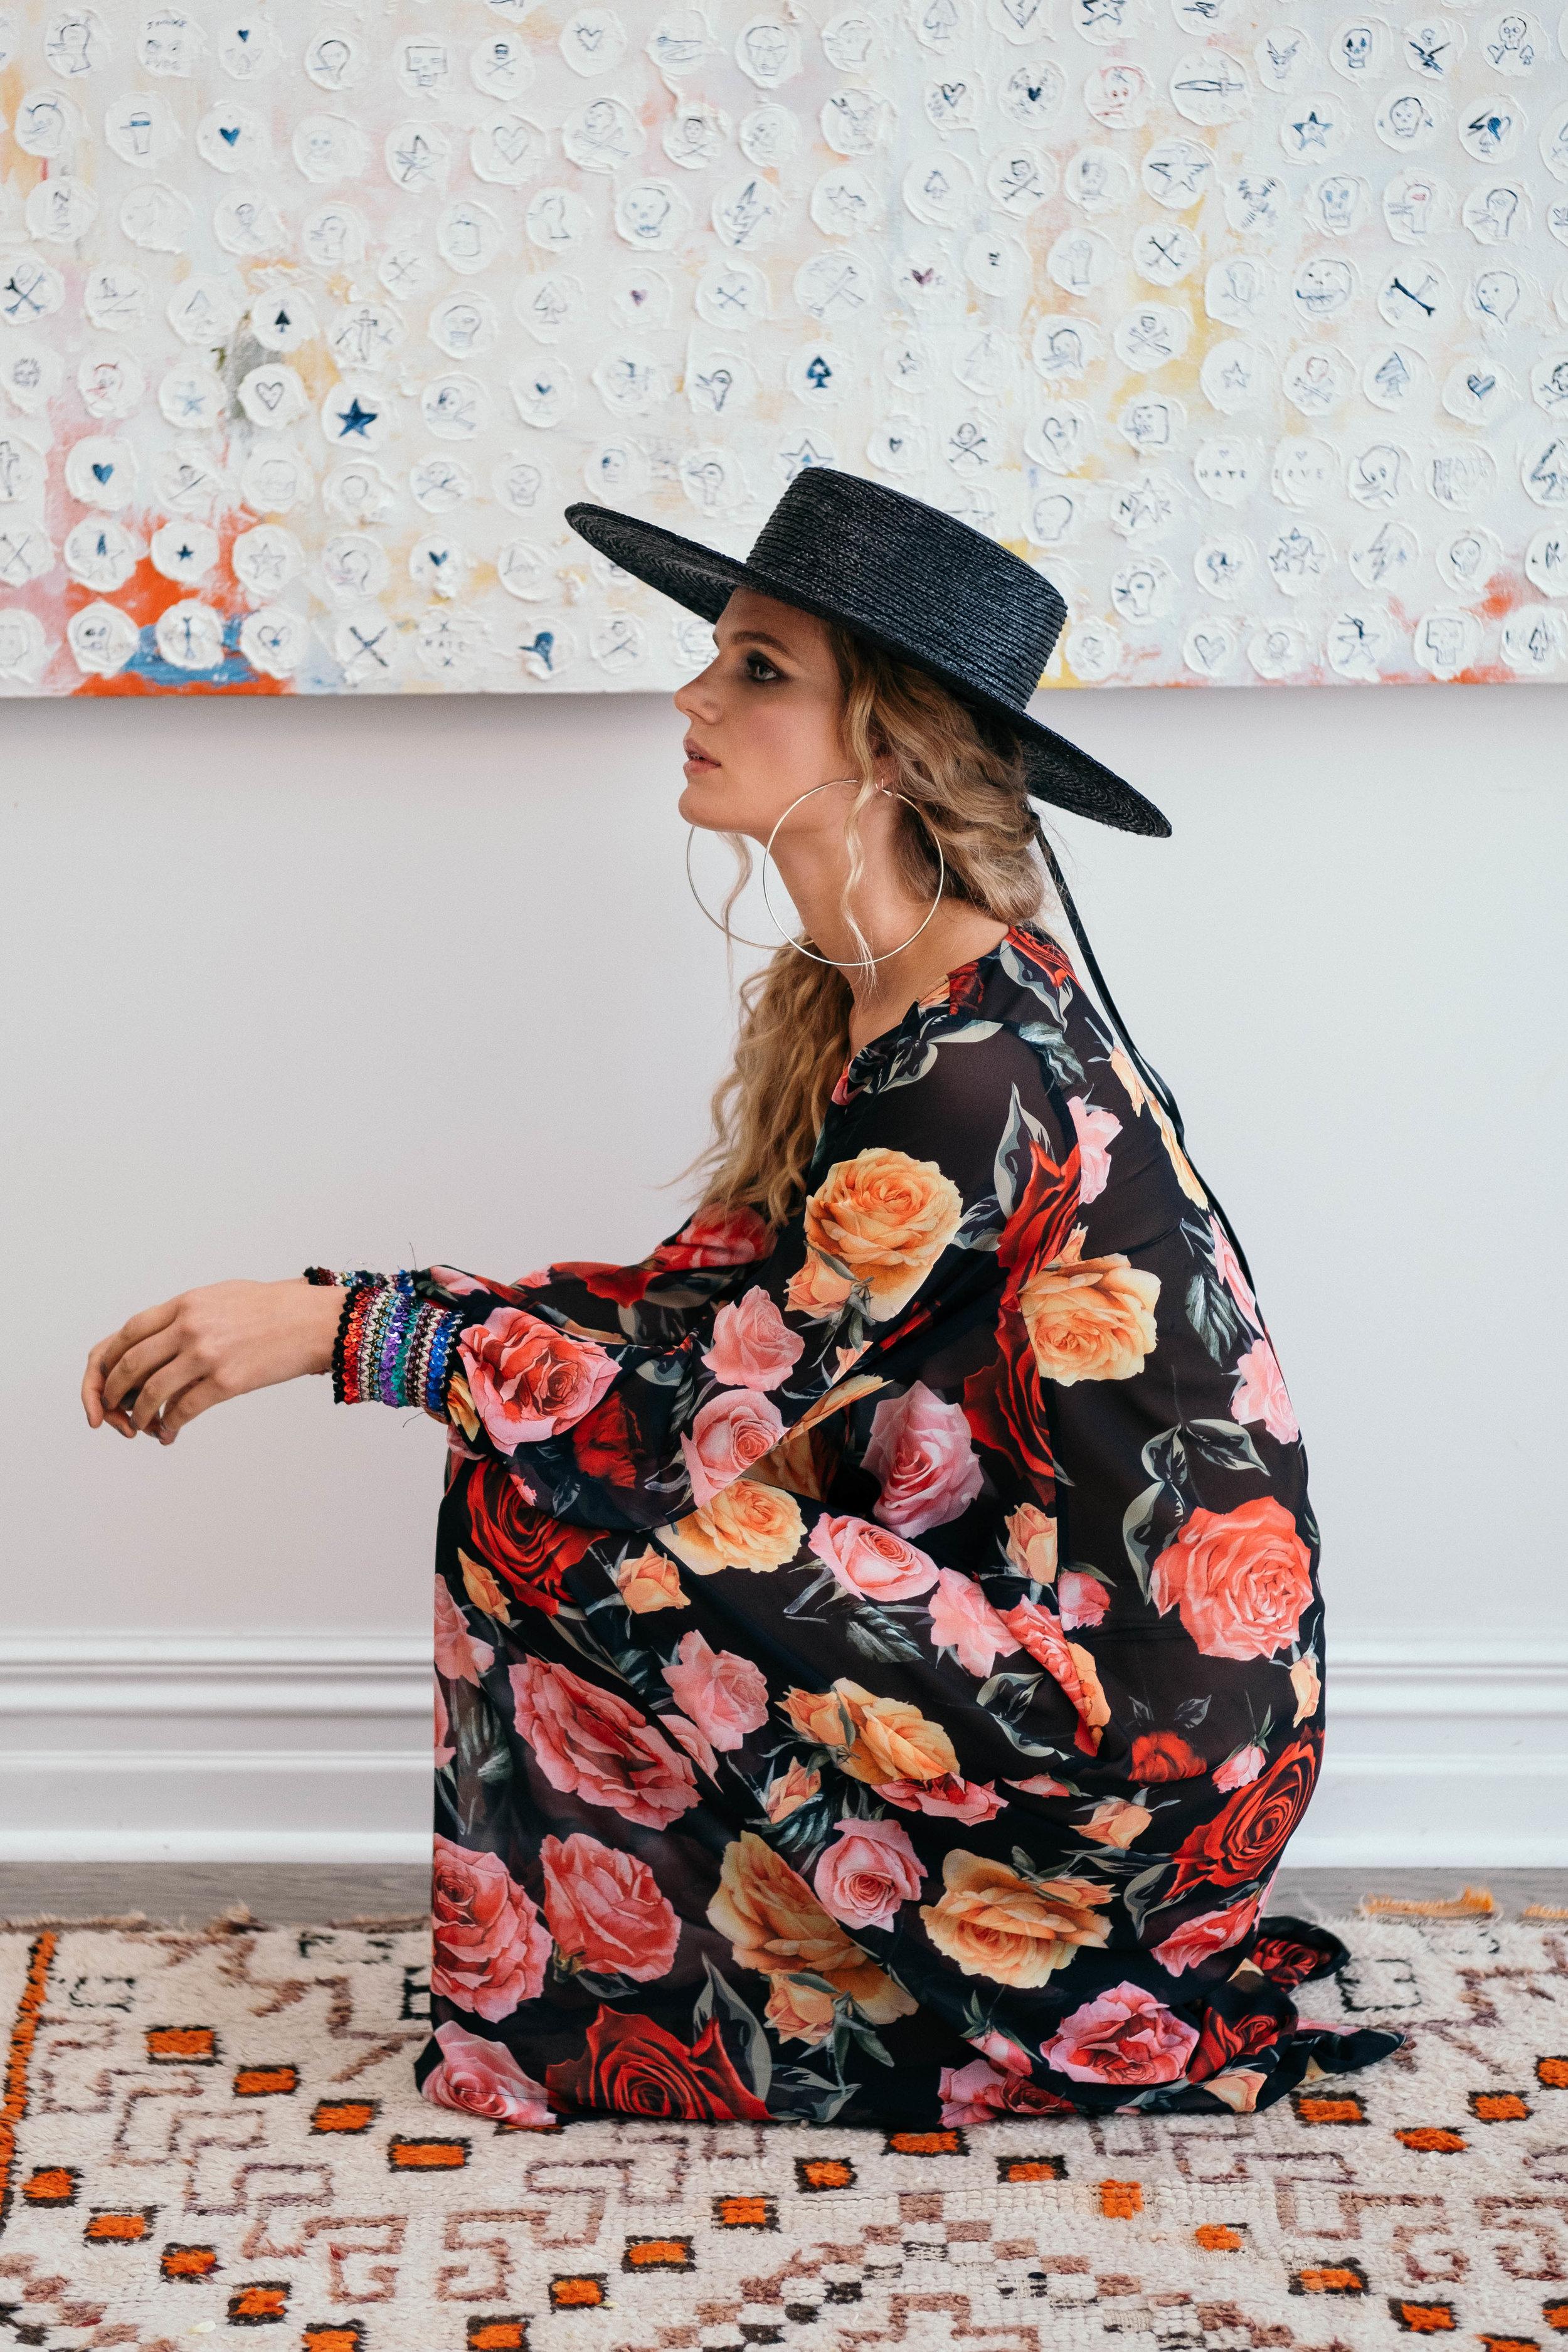 Botticelli Dress 6467N Secondhand Rose